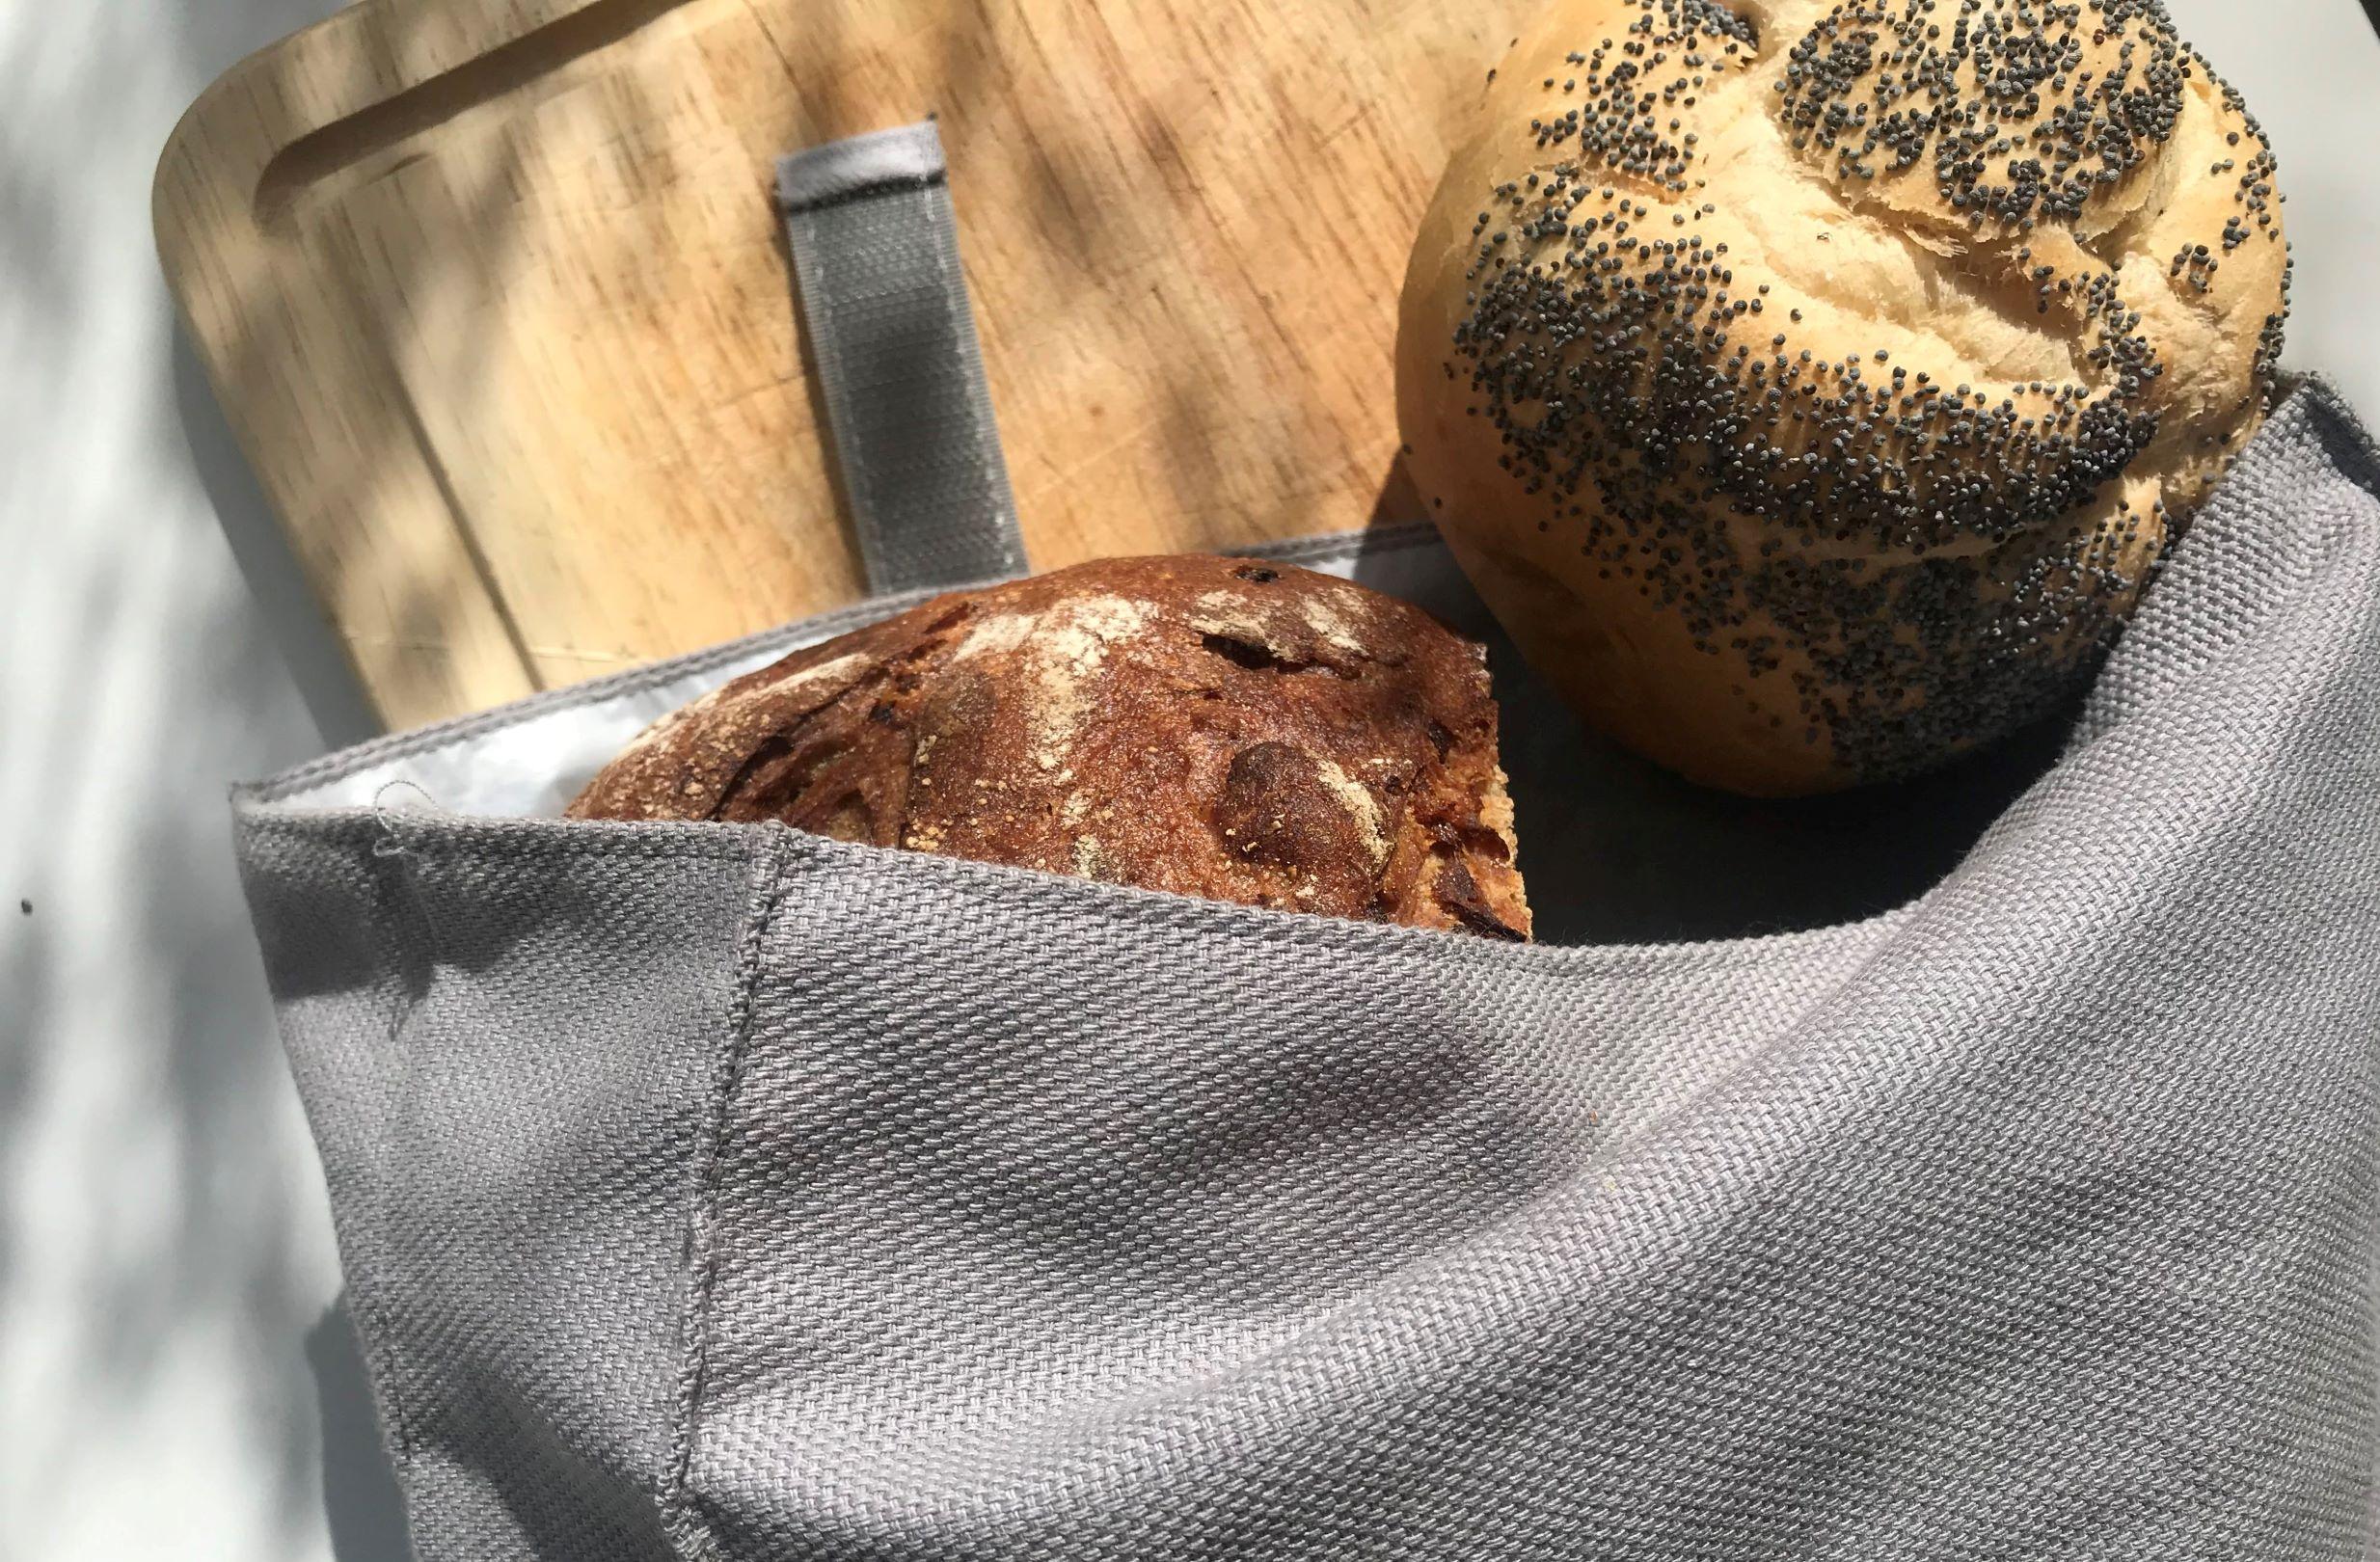 Die Brottüte von Umtüten ist sehr praktisch, wenn man plastikfrei einkaufen will - vor allem Brot und Brötchen.